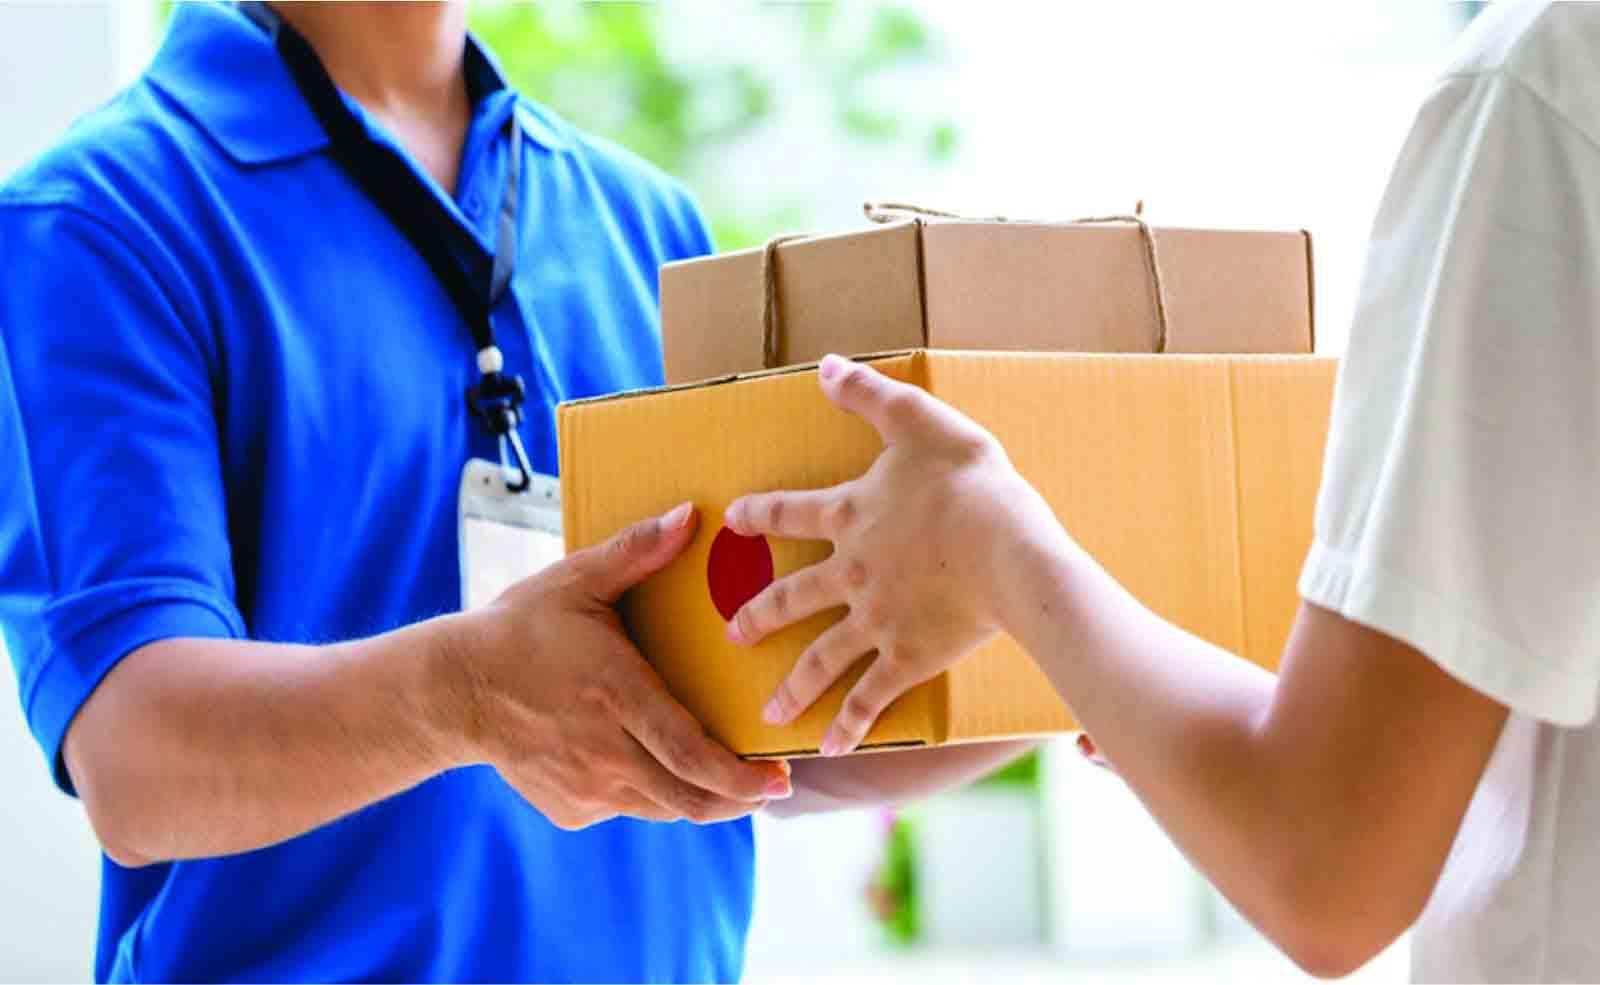 nhân viên nhận hàng tại nhà